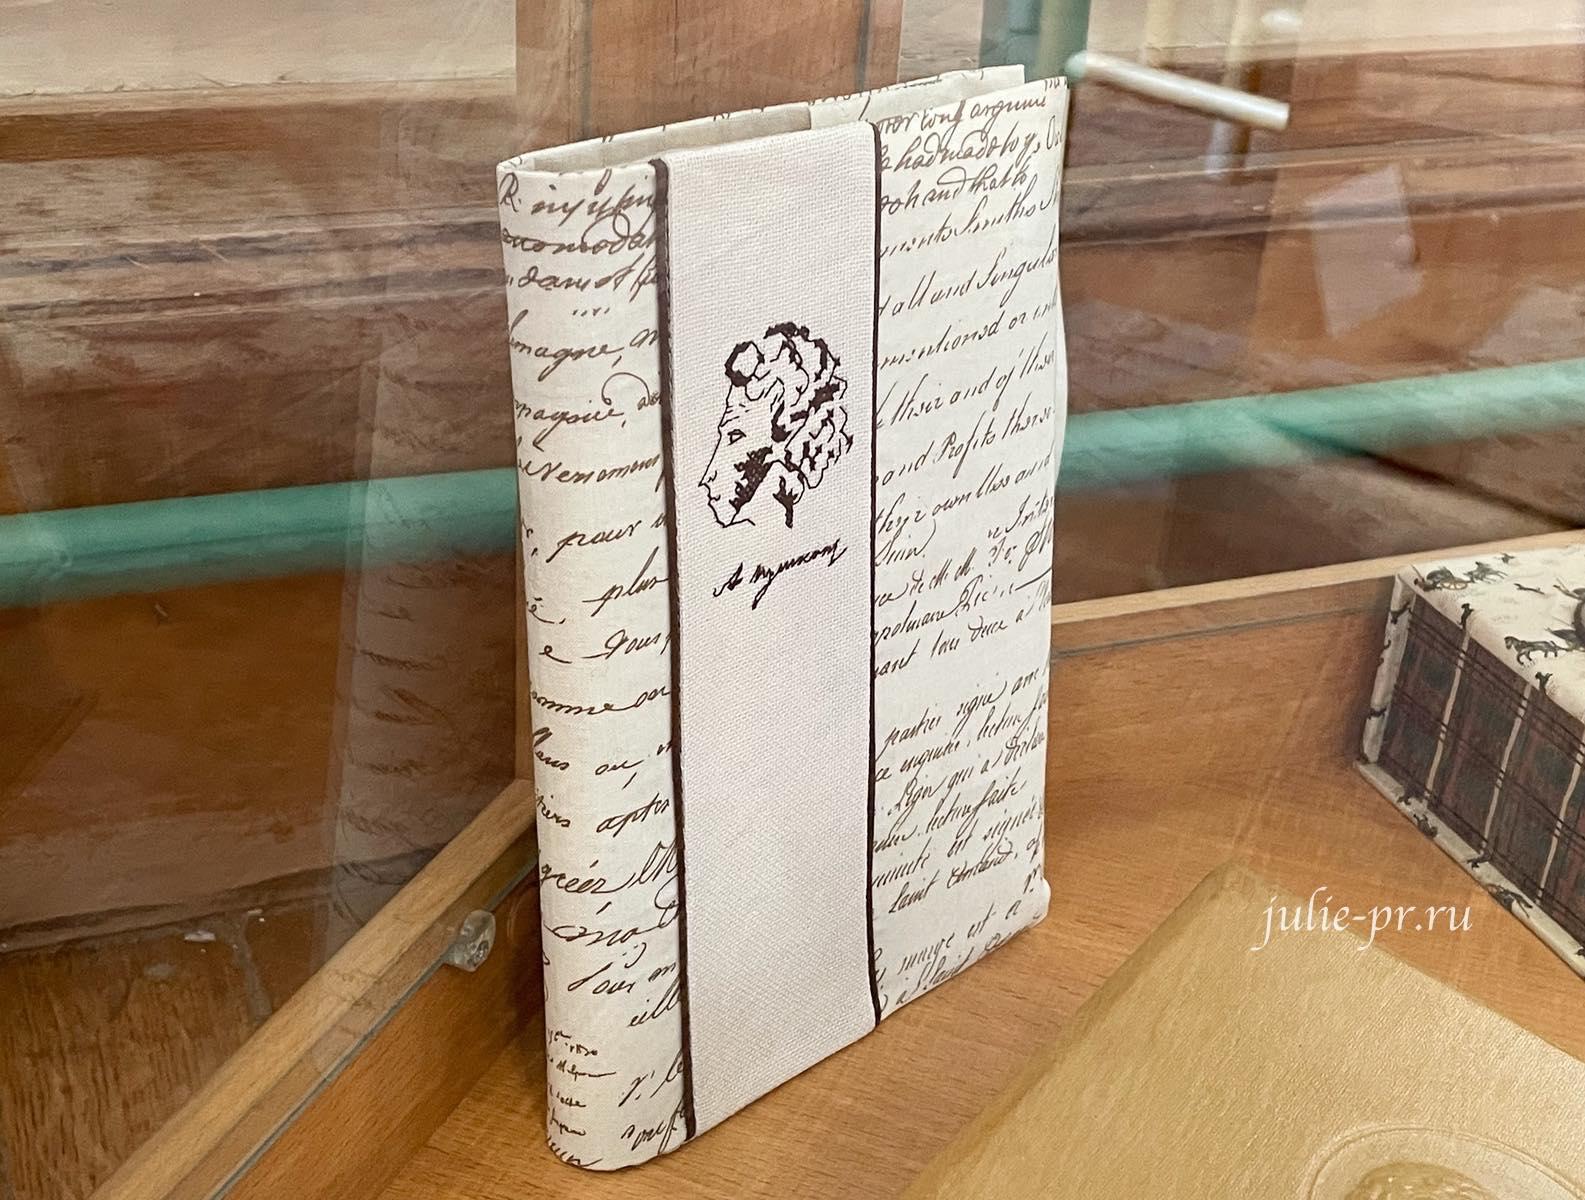 вышивка крестом, Пушкин, выставка Нам Пушкинских стихов звучал ноктюрн, вышитая обложка для блокнота